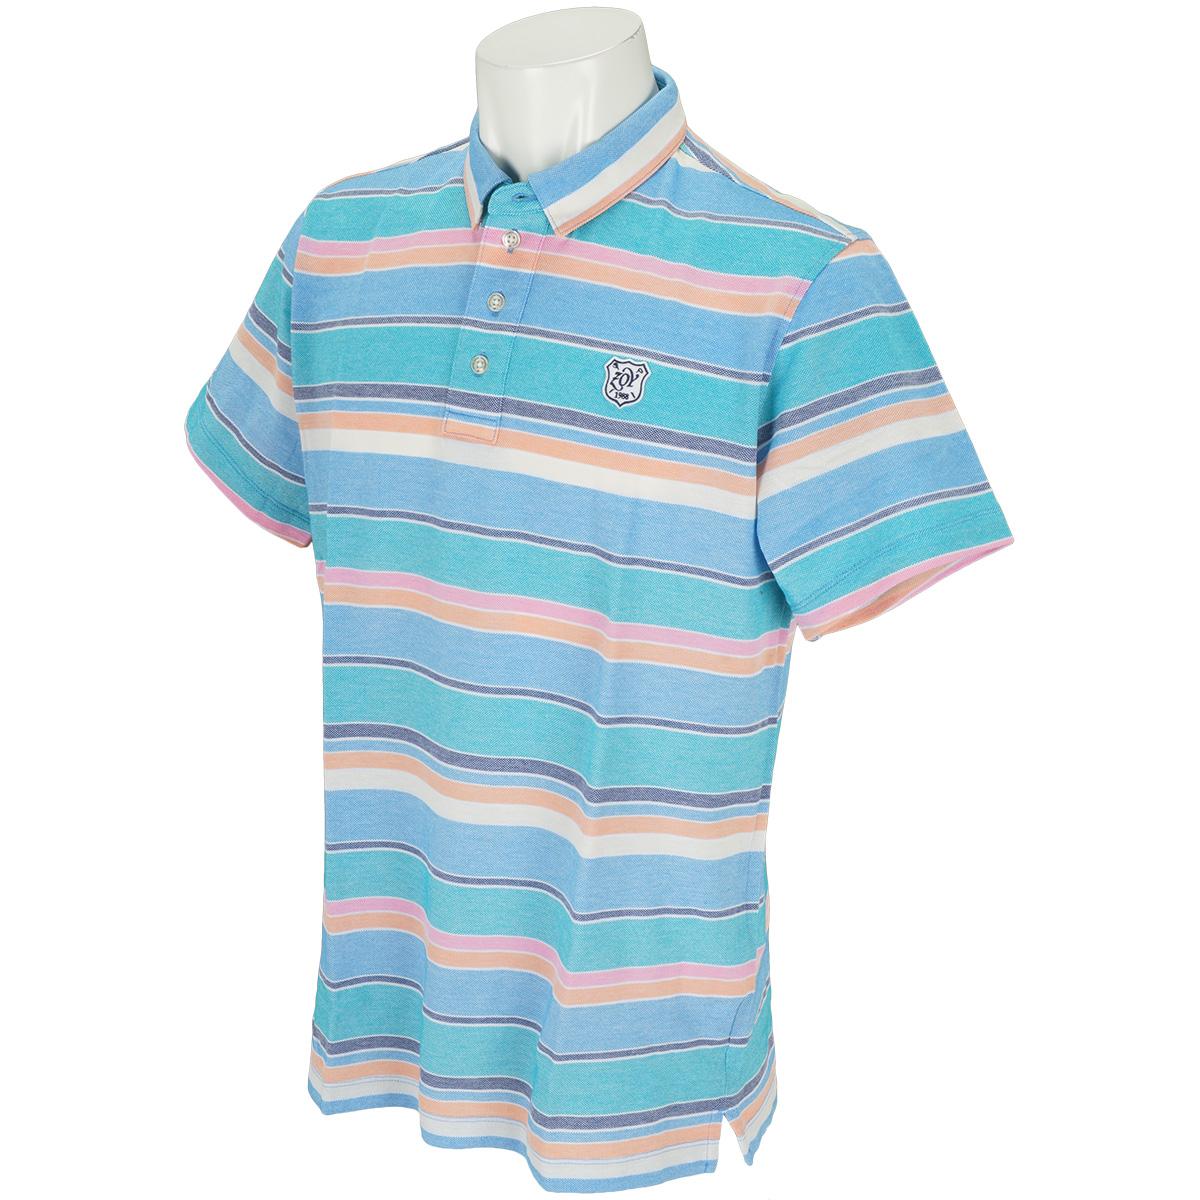 マルチボーダー 半袖ポロシャツ